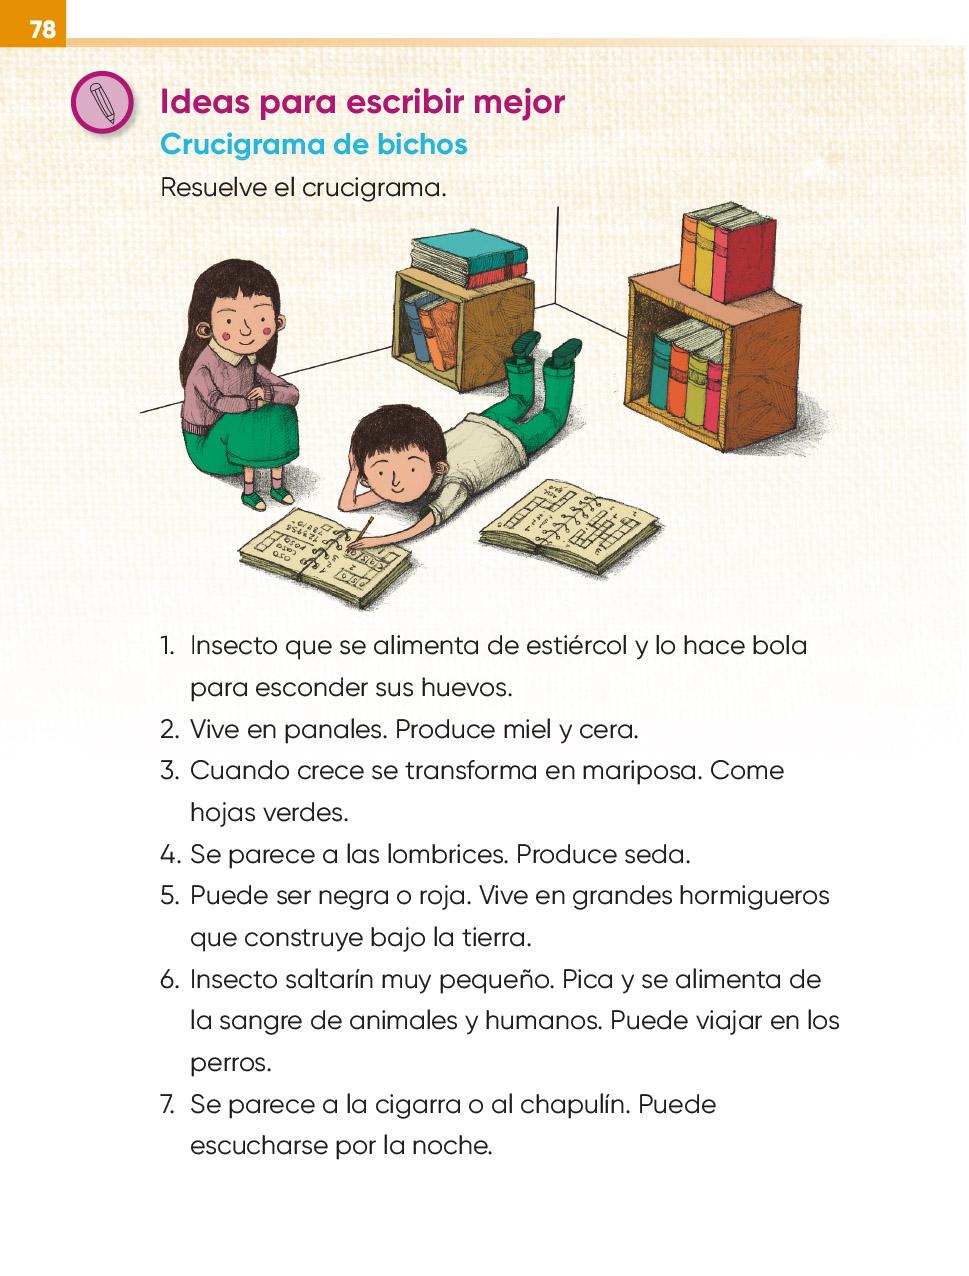 Lengua Materna Español Segundo grado 2020-2021 - Página 78 ...